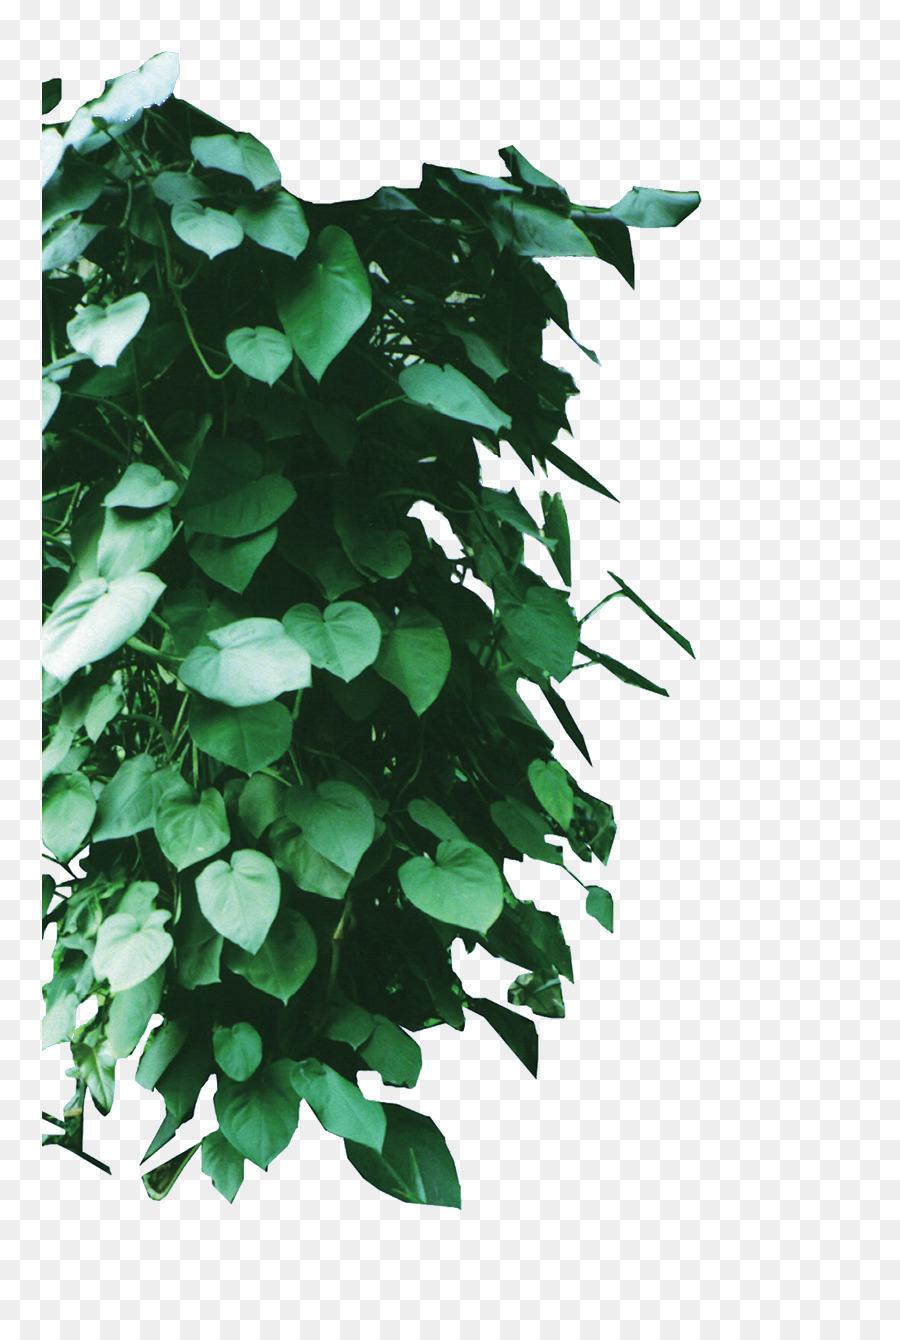 Descarga gratuita de Vid, Descargar, Parthenocissus Tricuspidata Imágen de Png